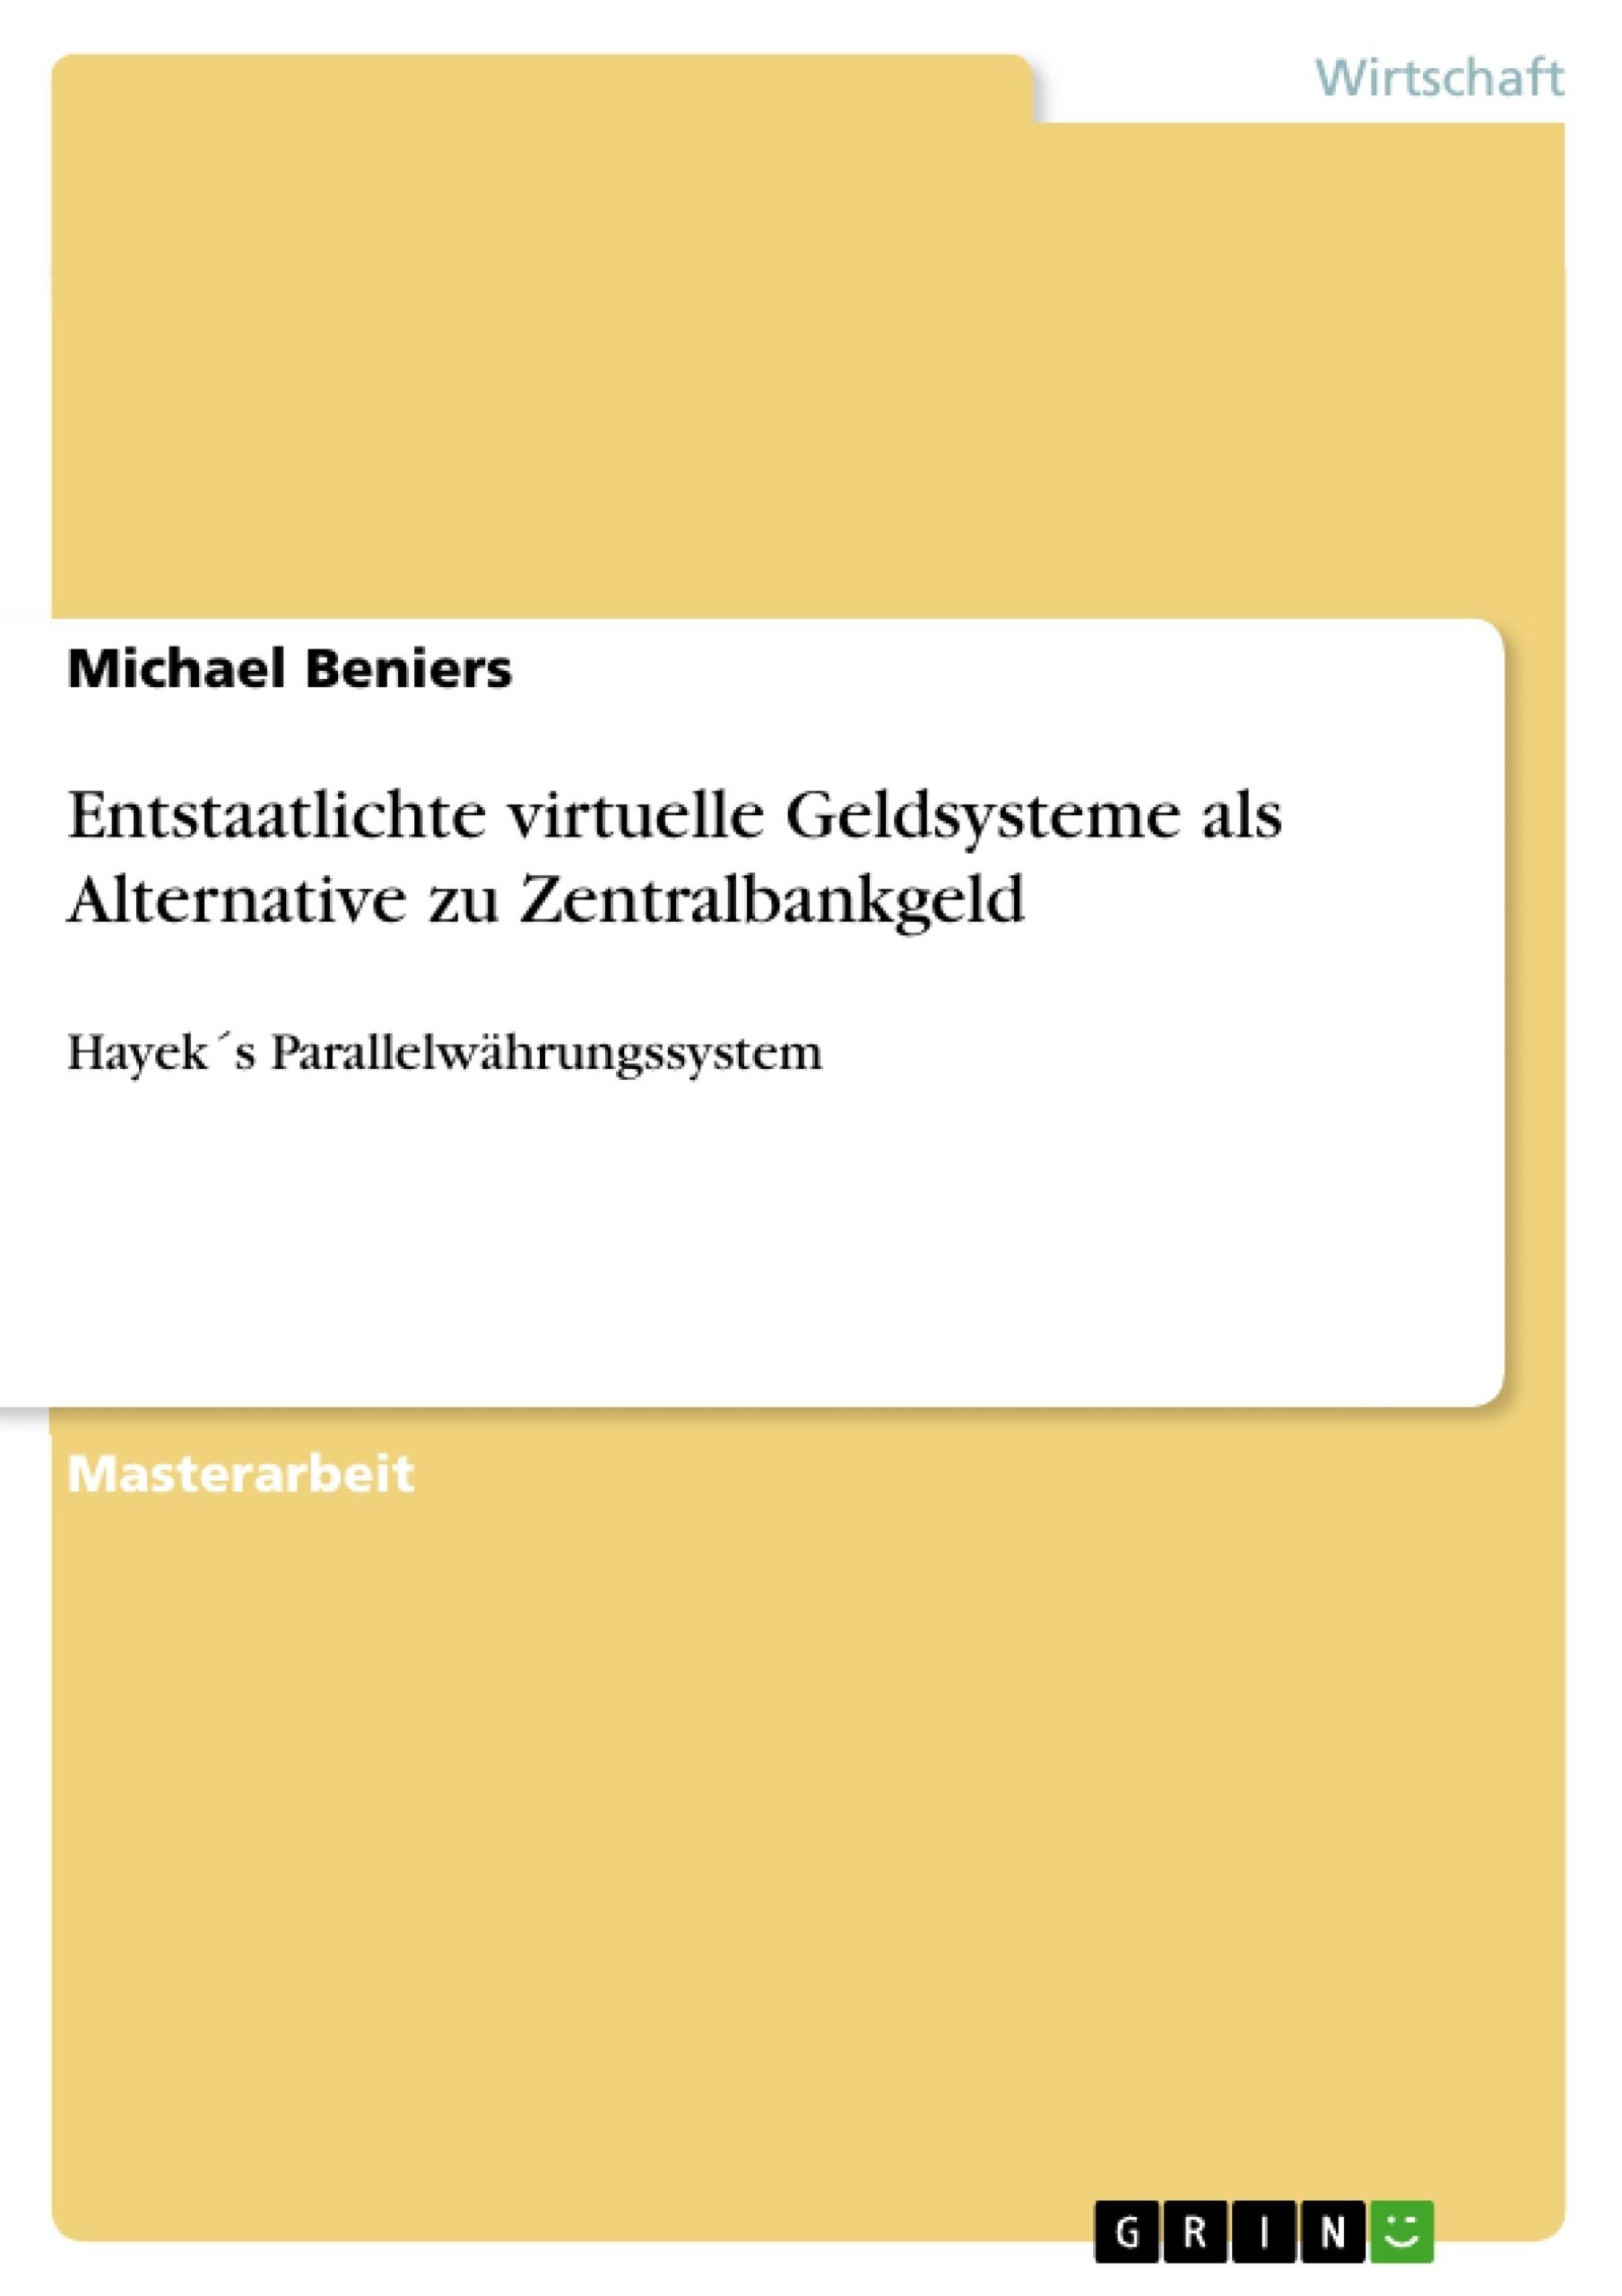 Titel: Entstaatlichte virtuelle Geldsysteme als Alternative zu Zentralbankgeld